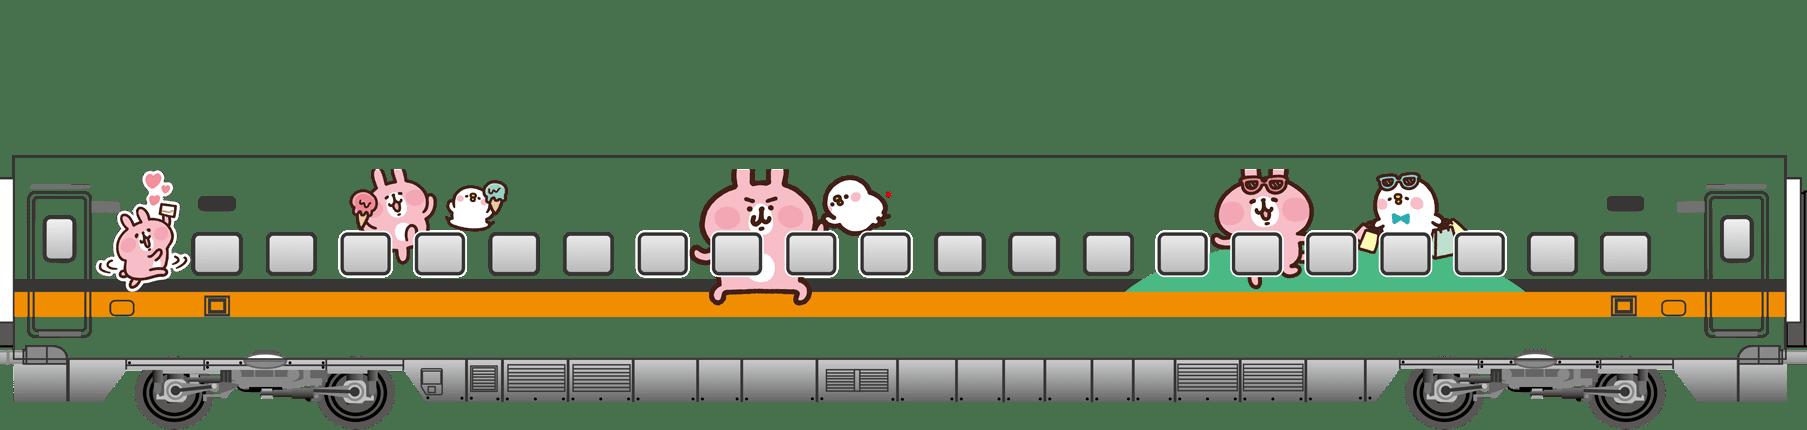 第 8 節車廂